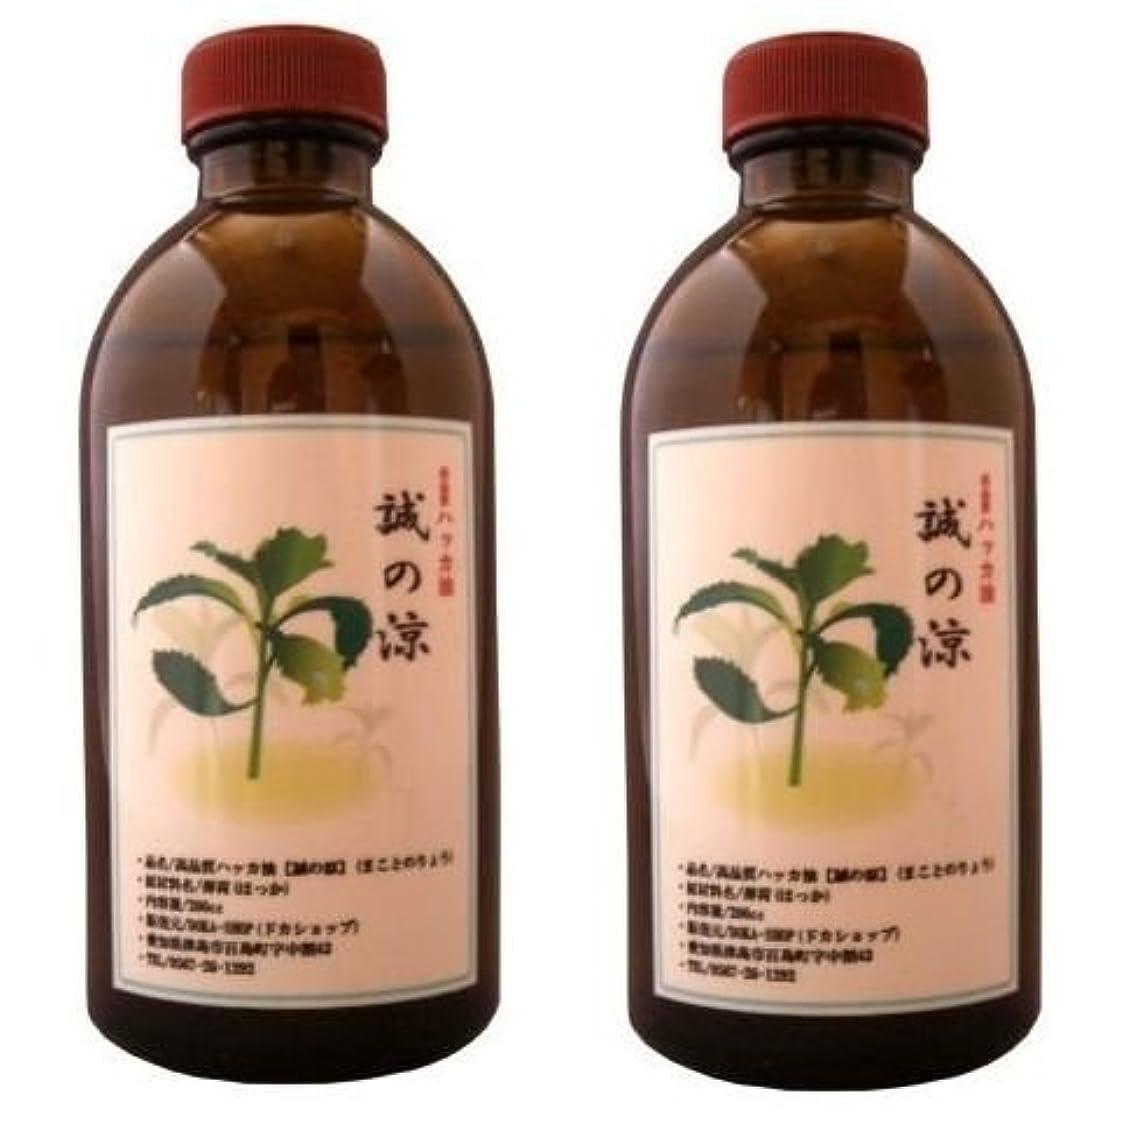 抵抗する作るバズDOKA-SHOP 高品質ハッカ精油100%【誠の涼(まことのりょう)】日本国内加工精製 たっぷり使えてバツグンの爽快感 200cc×2本セット